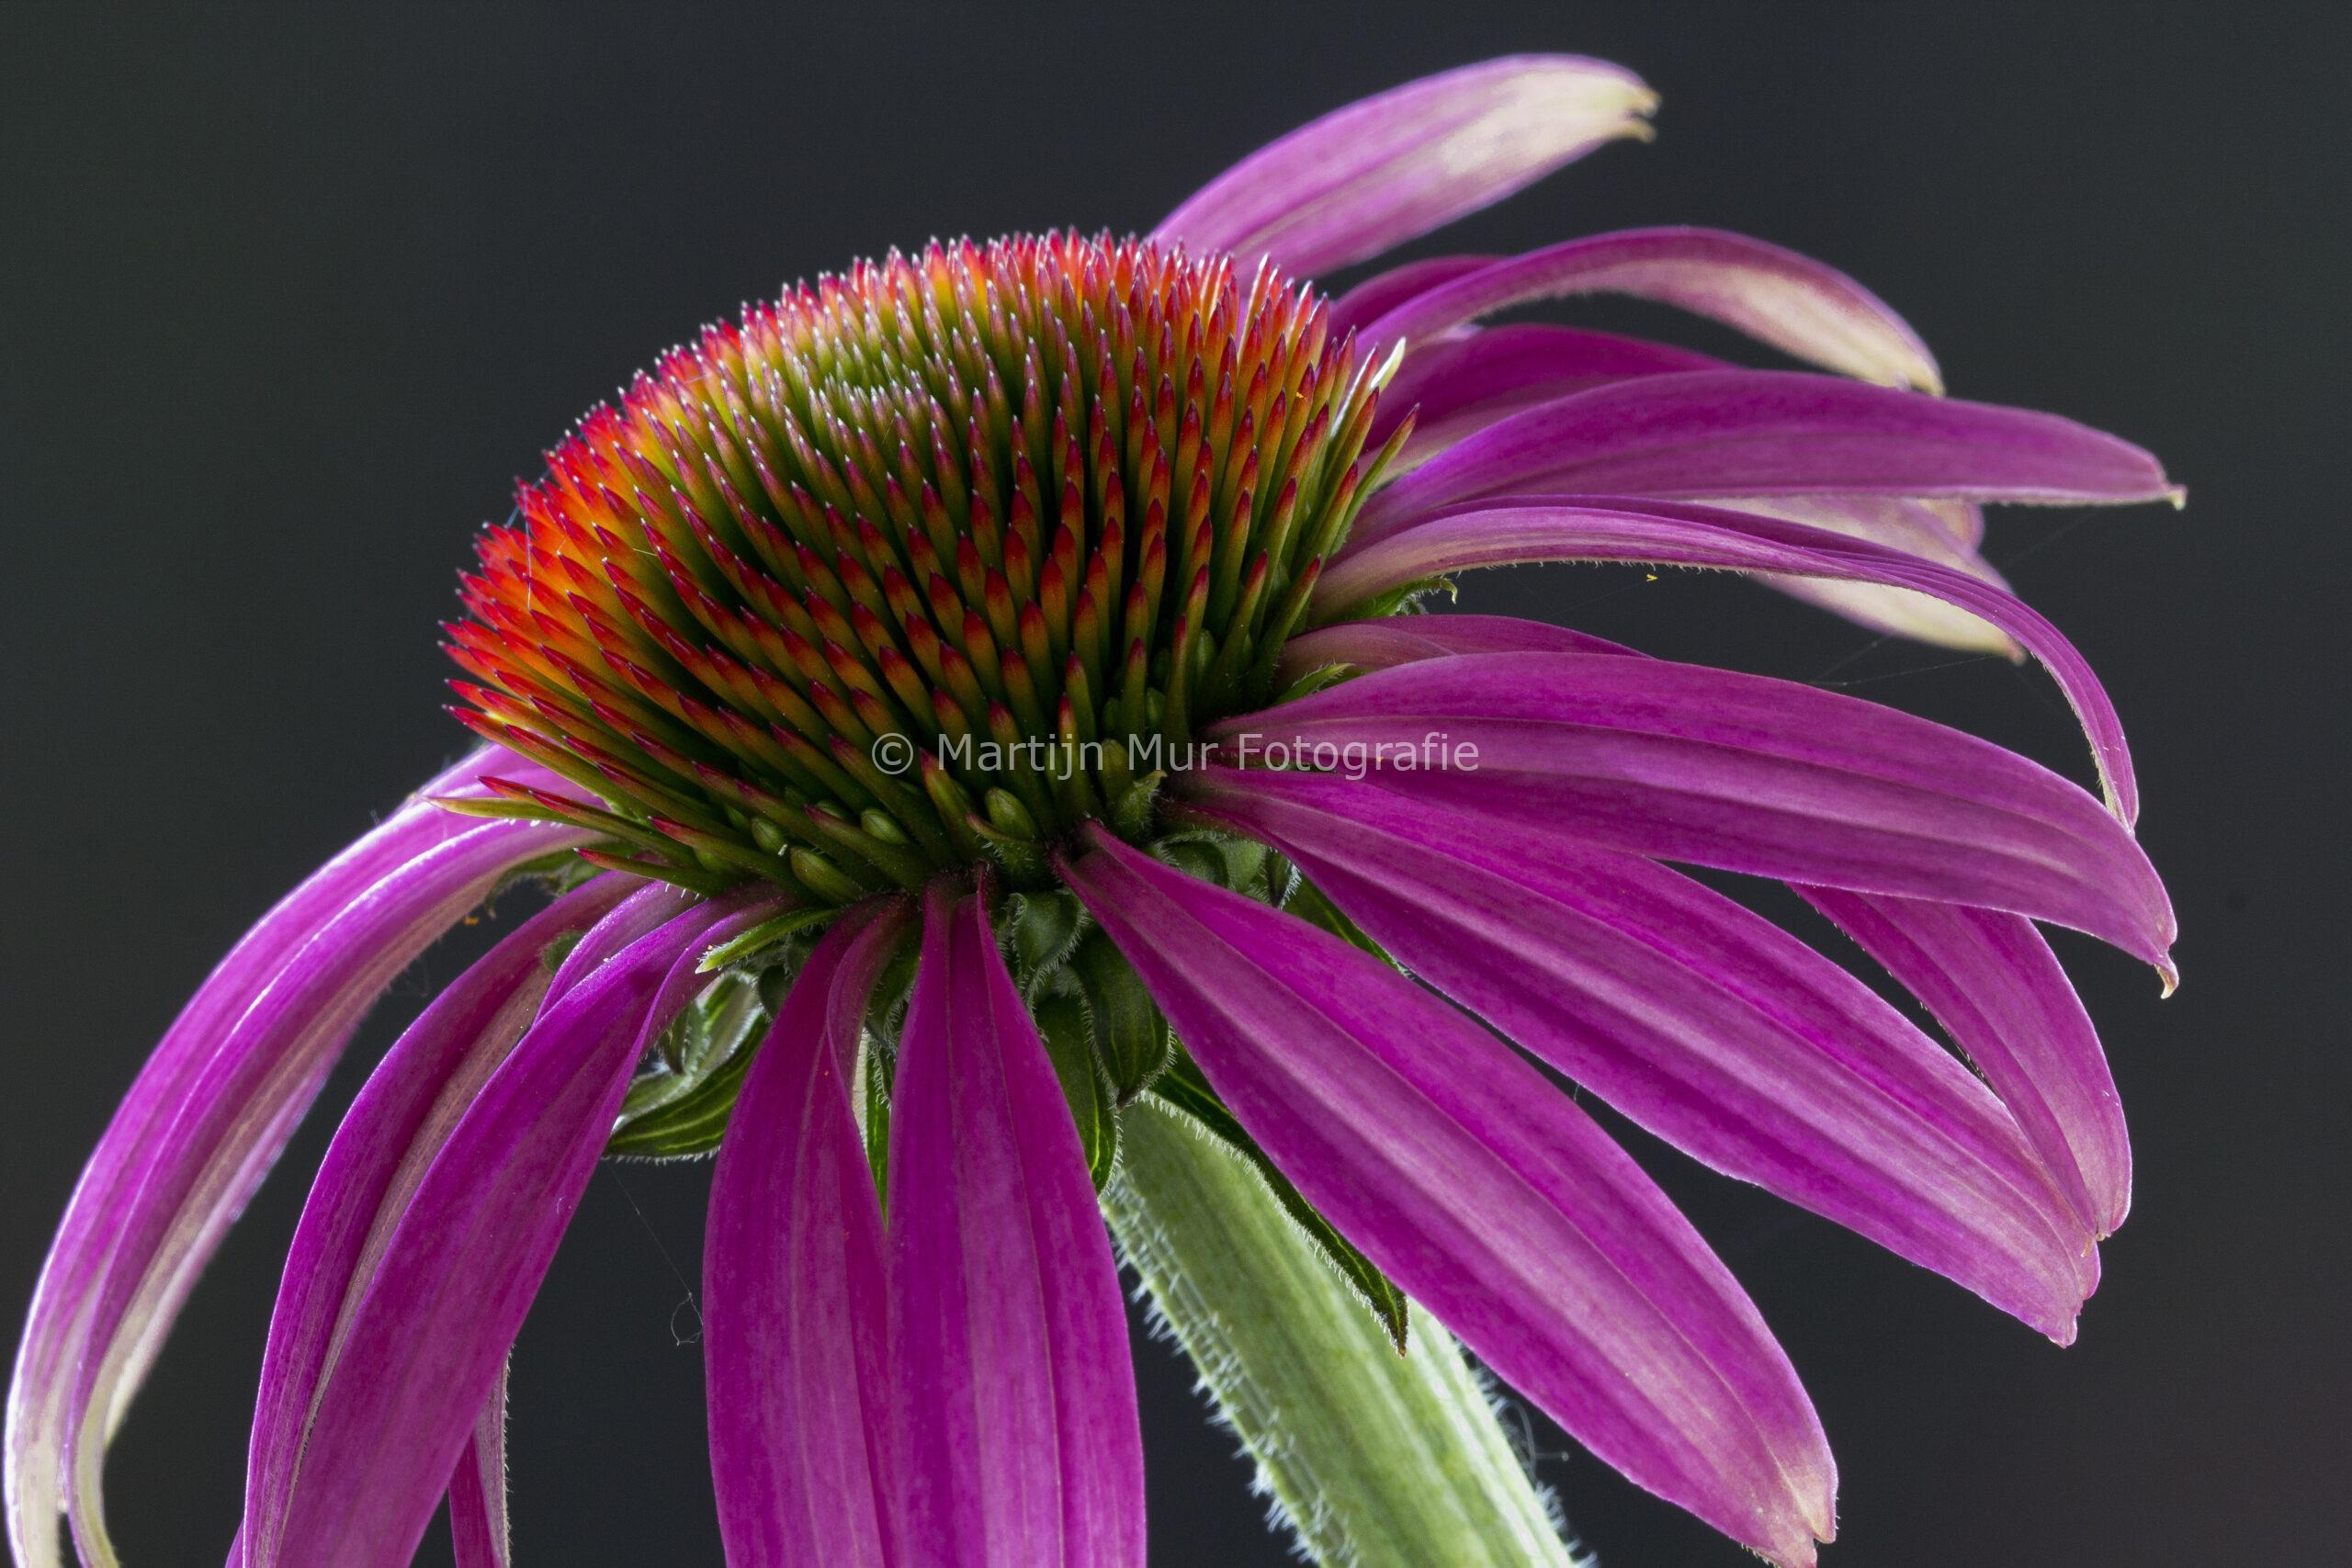 professionele fotografie, roze Echinacea Purpurea